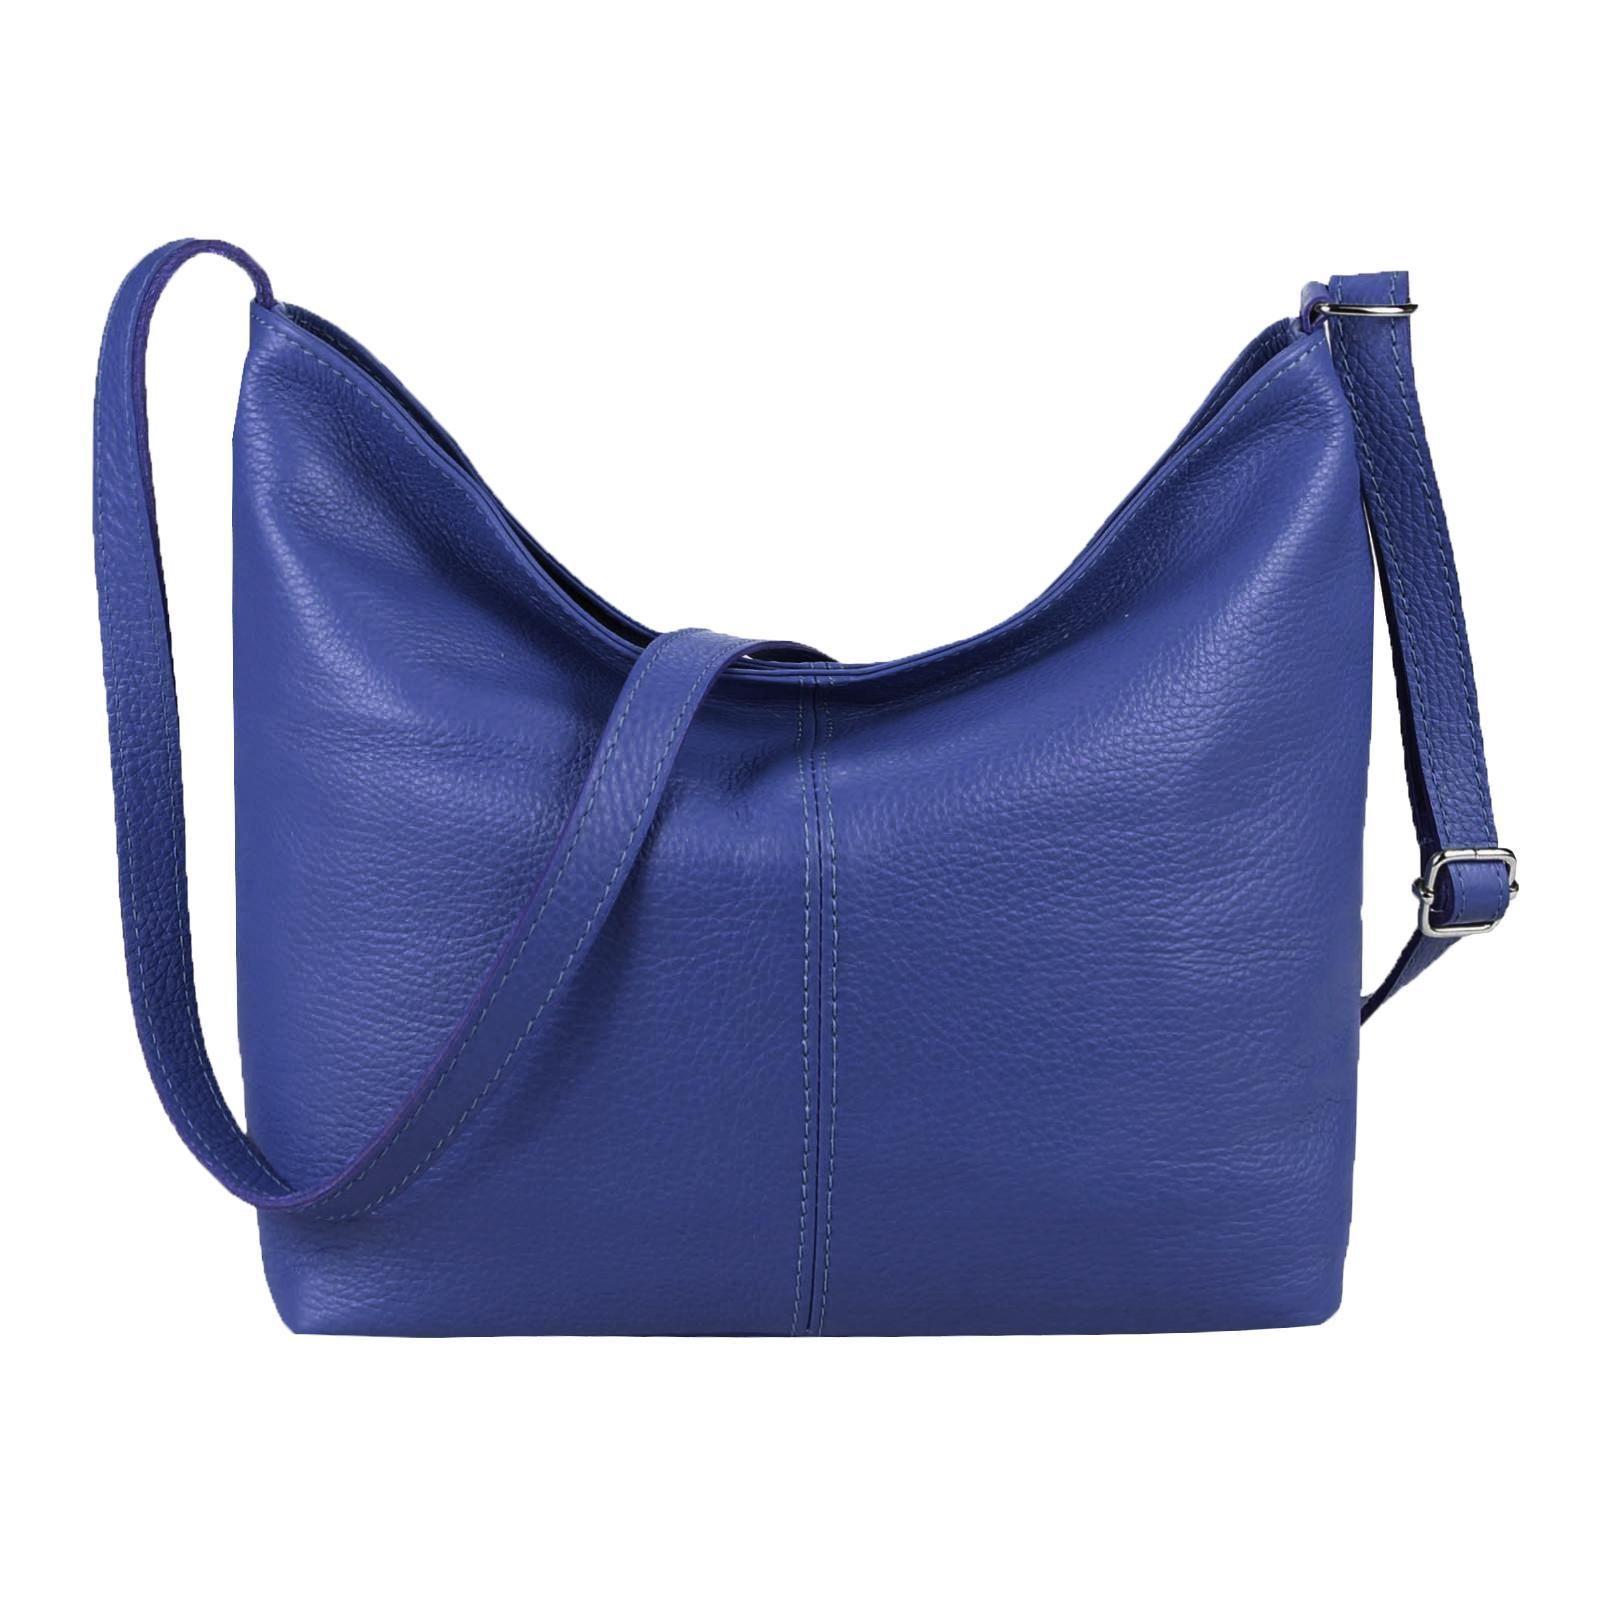 5c98afa9e47d2 MADE in ITALY Damen LEDER TASCHE Handtasche Umhängetasche Shopper Damentasche  Schultertasche Cross-Over Ledertasche Blau